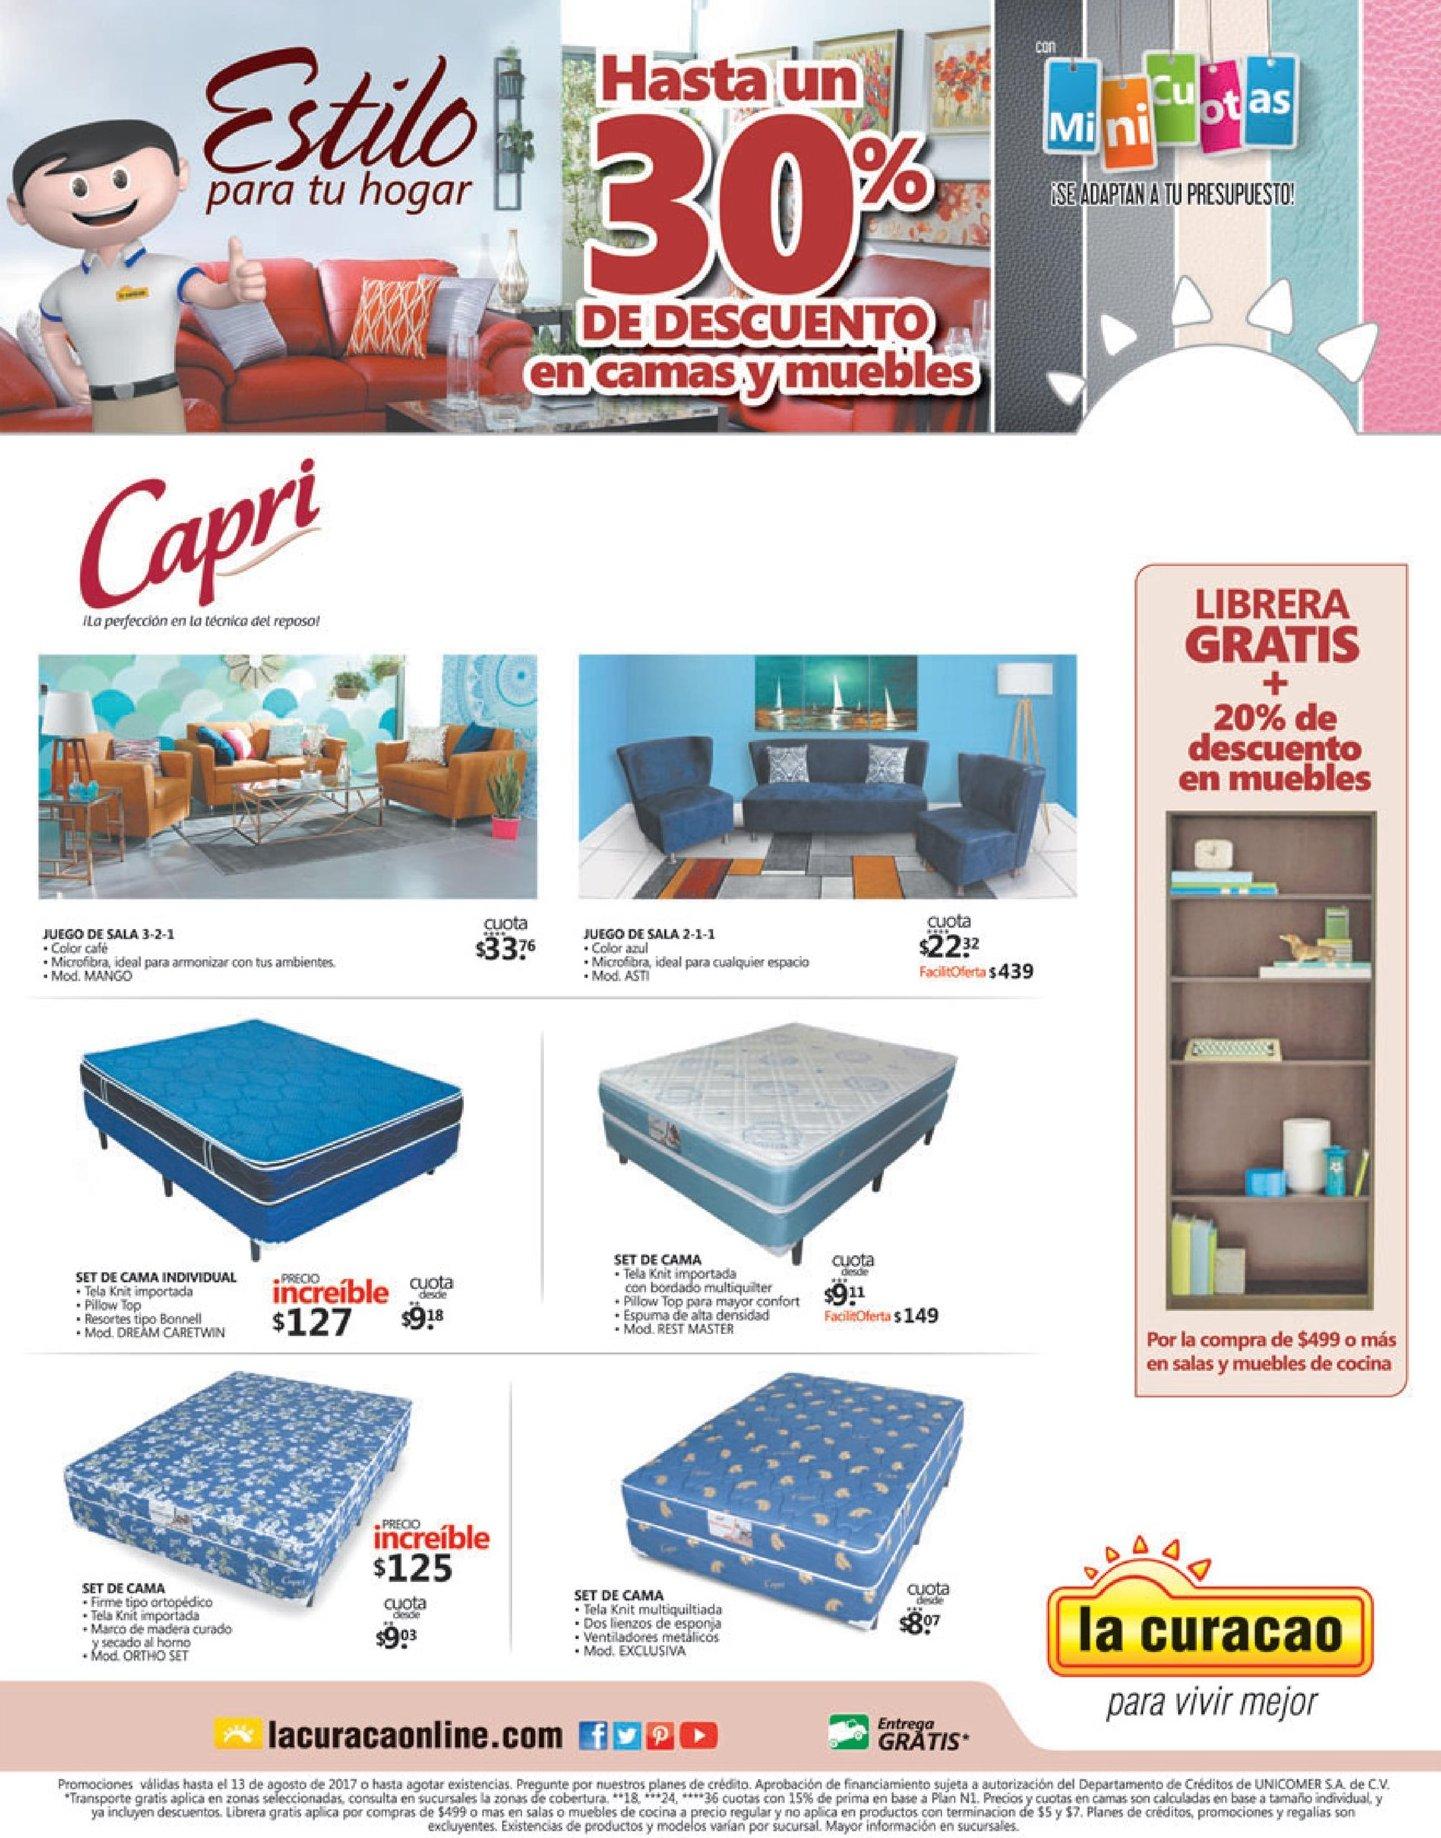 LA CURACAO festival de camas y muebles CAPRI